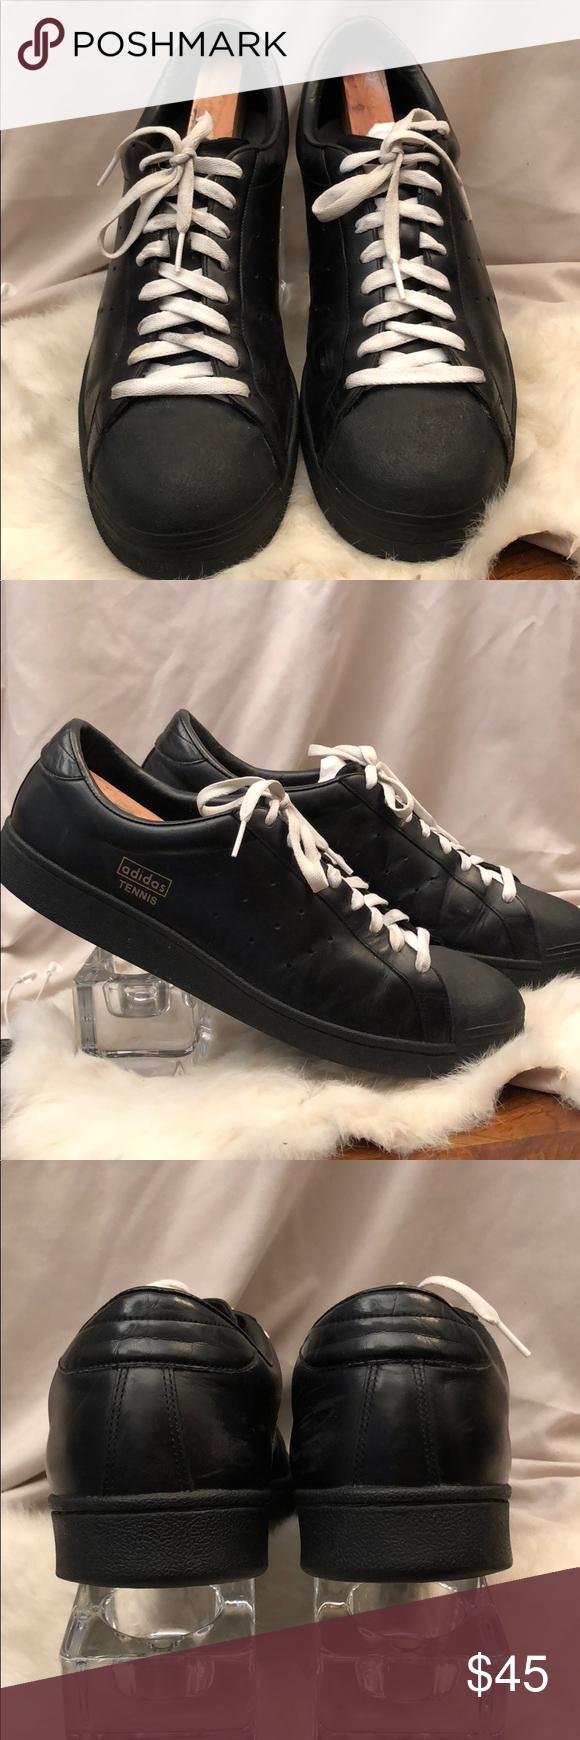 Adidas Men's Black Tennis Shoes Size 14